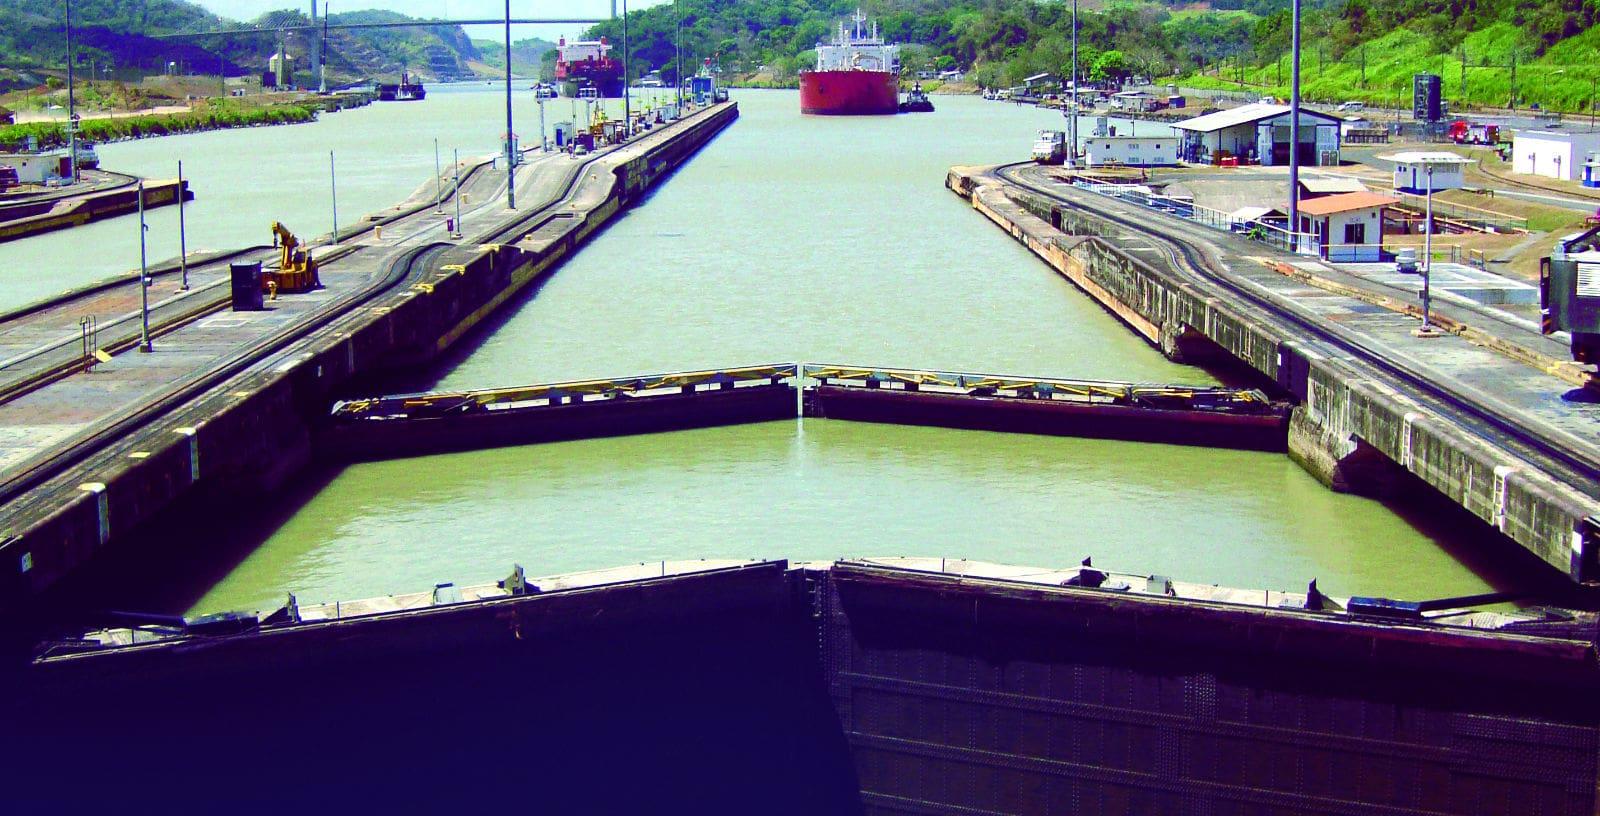 Canal_Panama_2_web-min